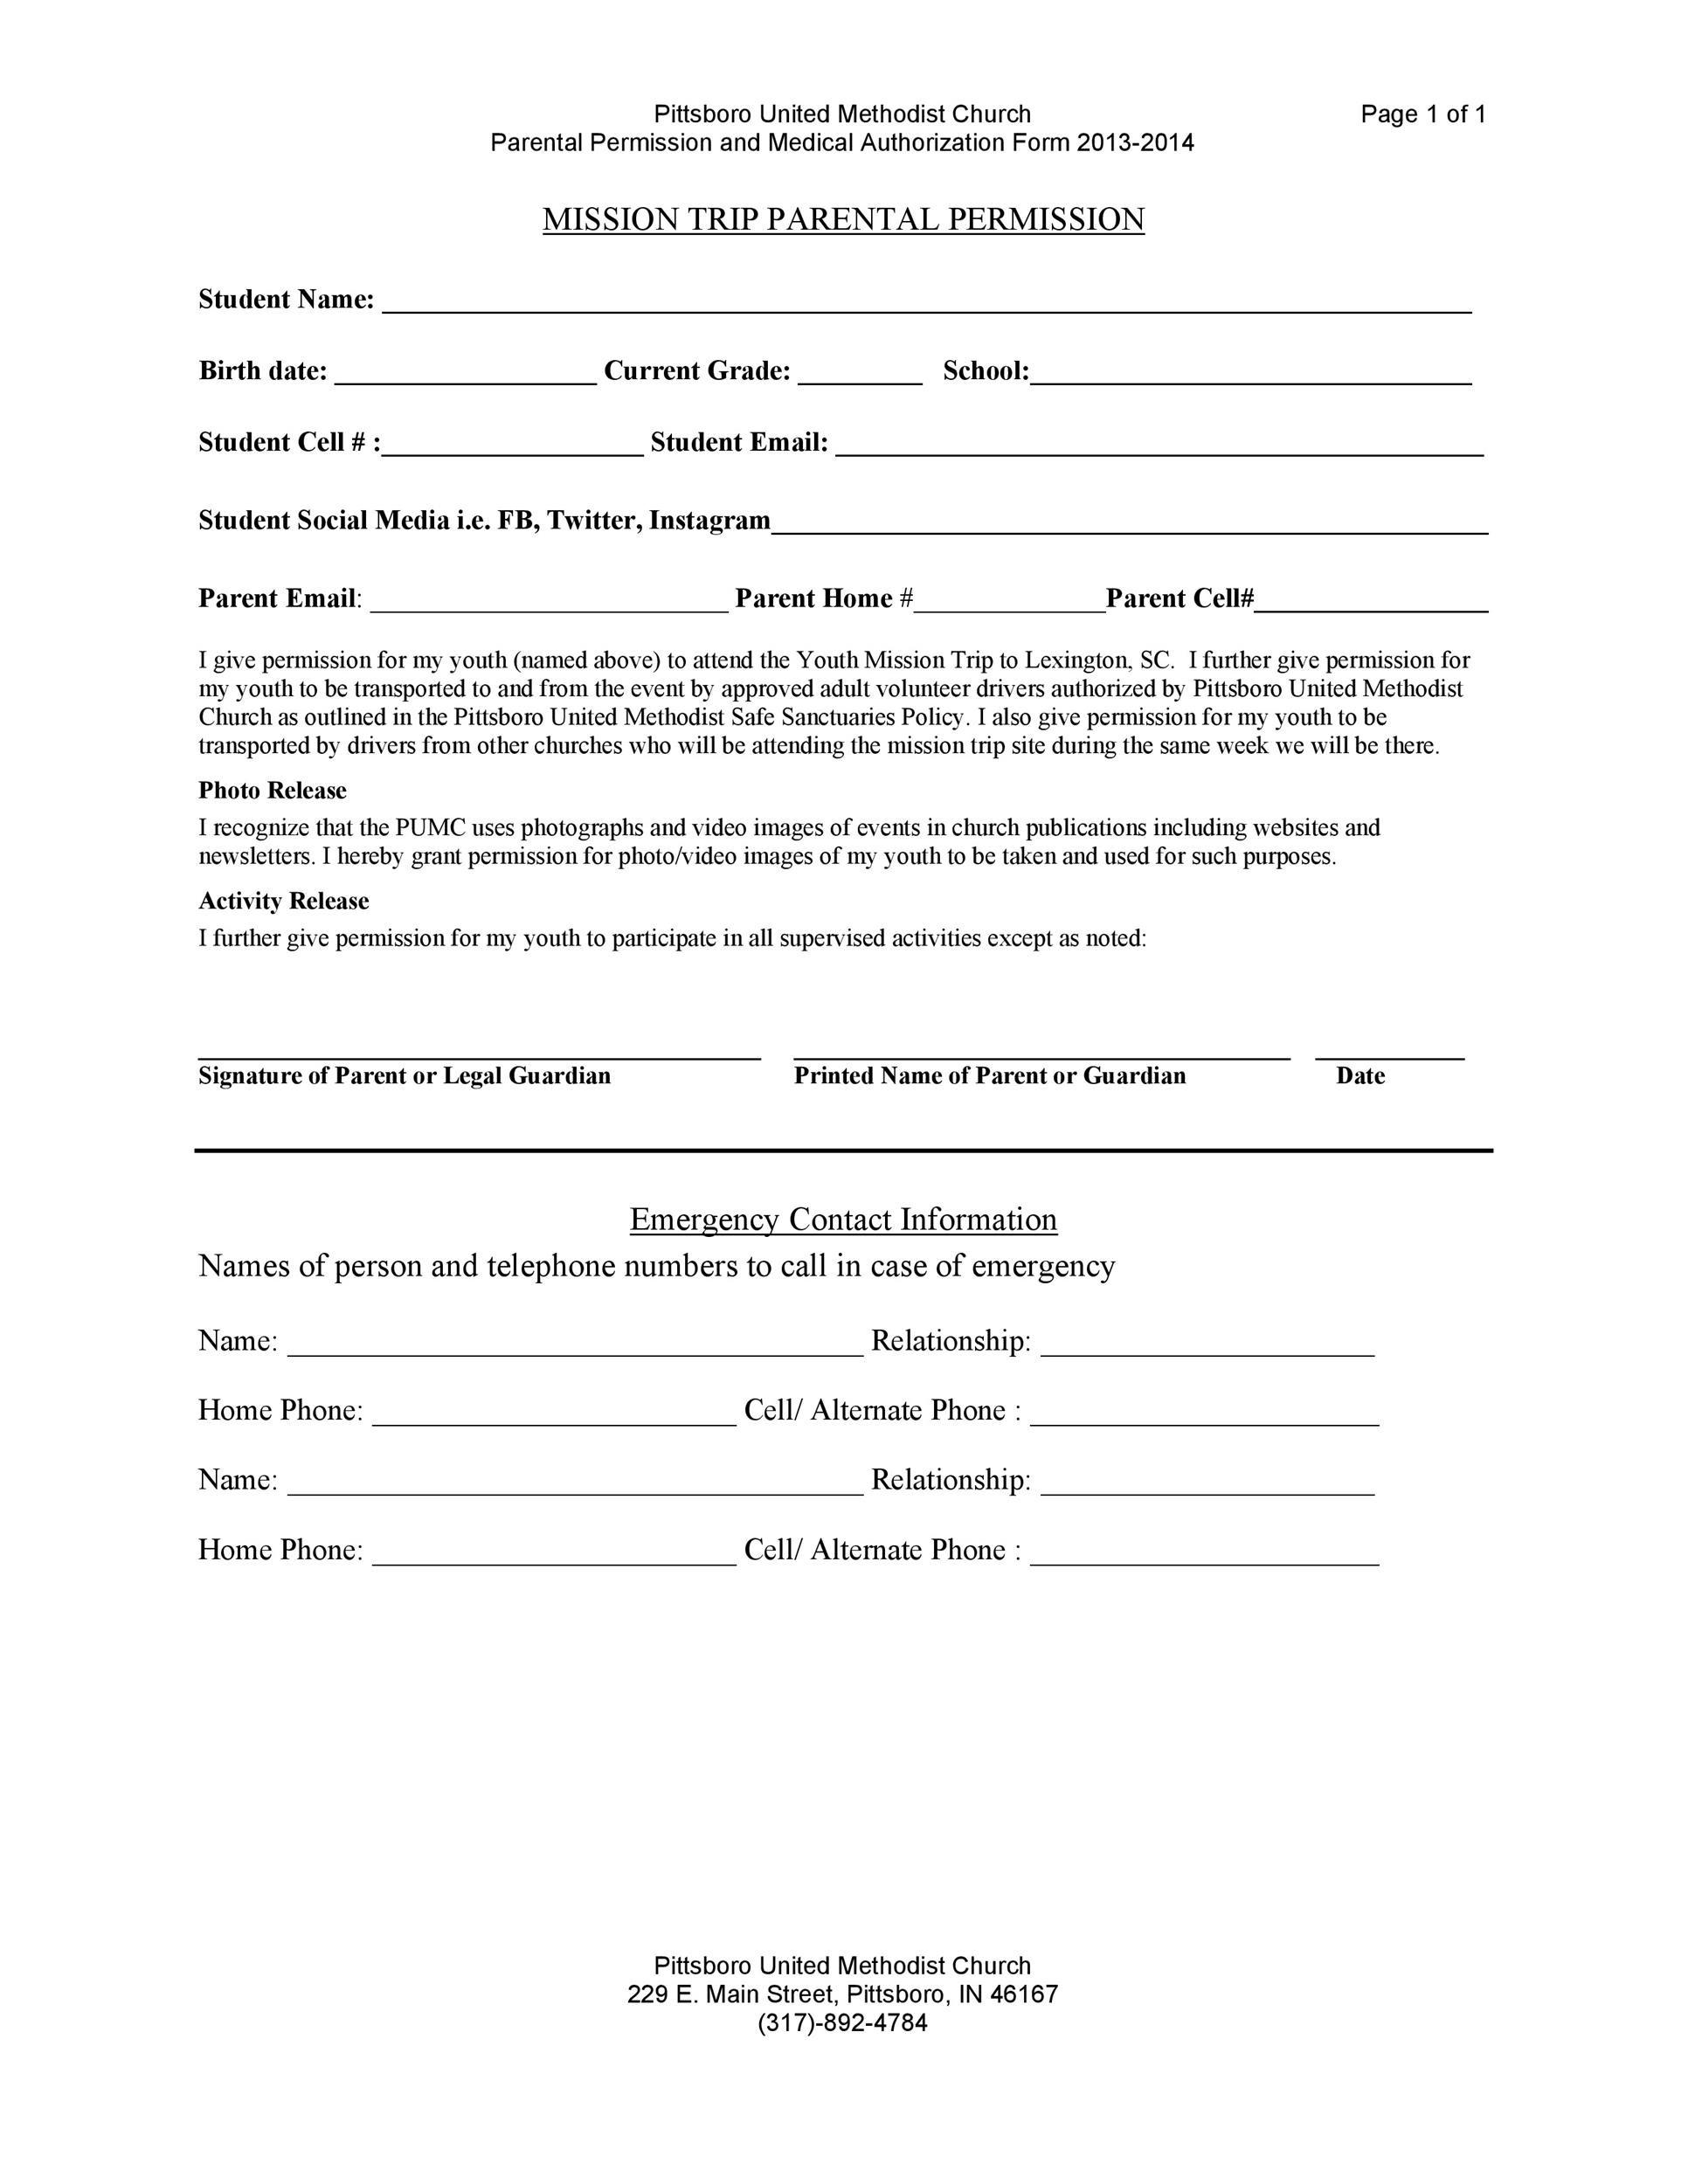 parent permission form - Lookbookeyes - parent consent forms